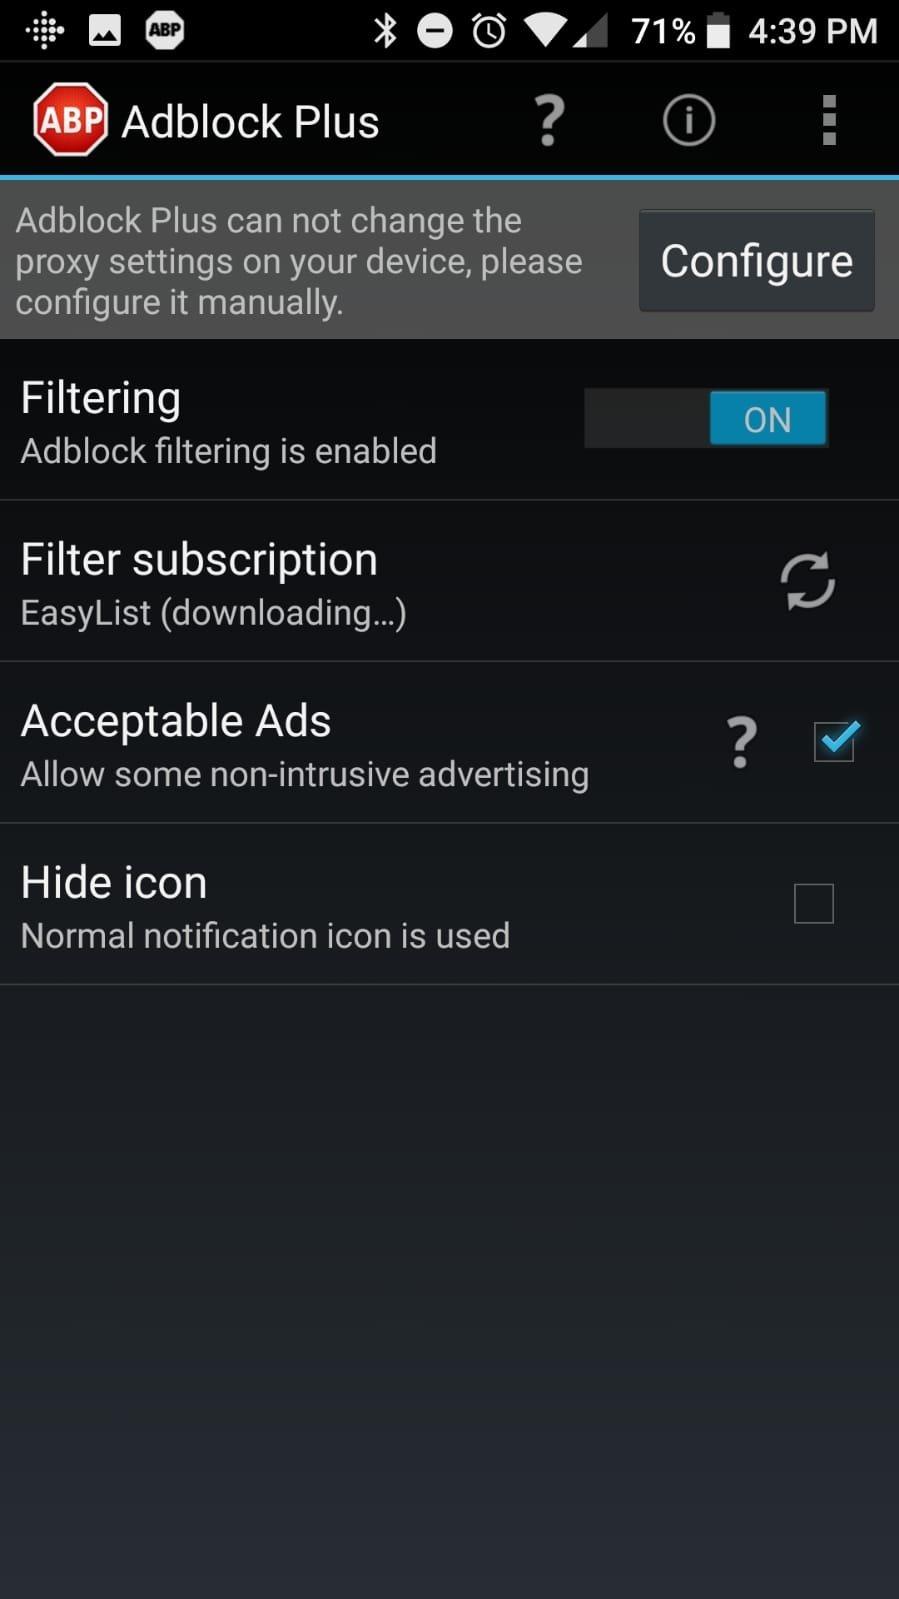 Adblock Plus Android image 2